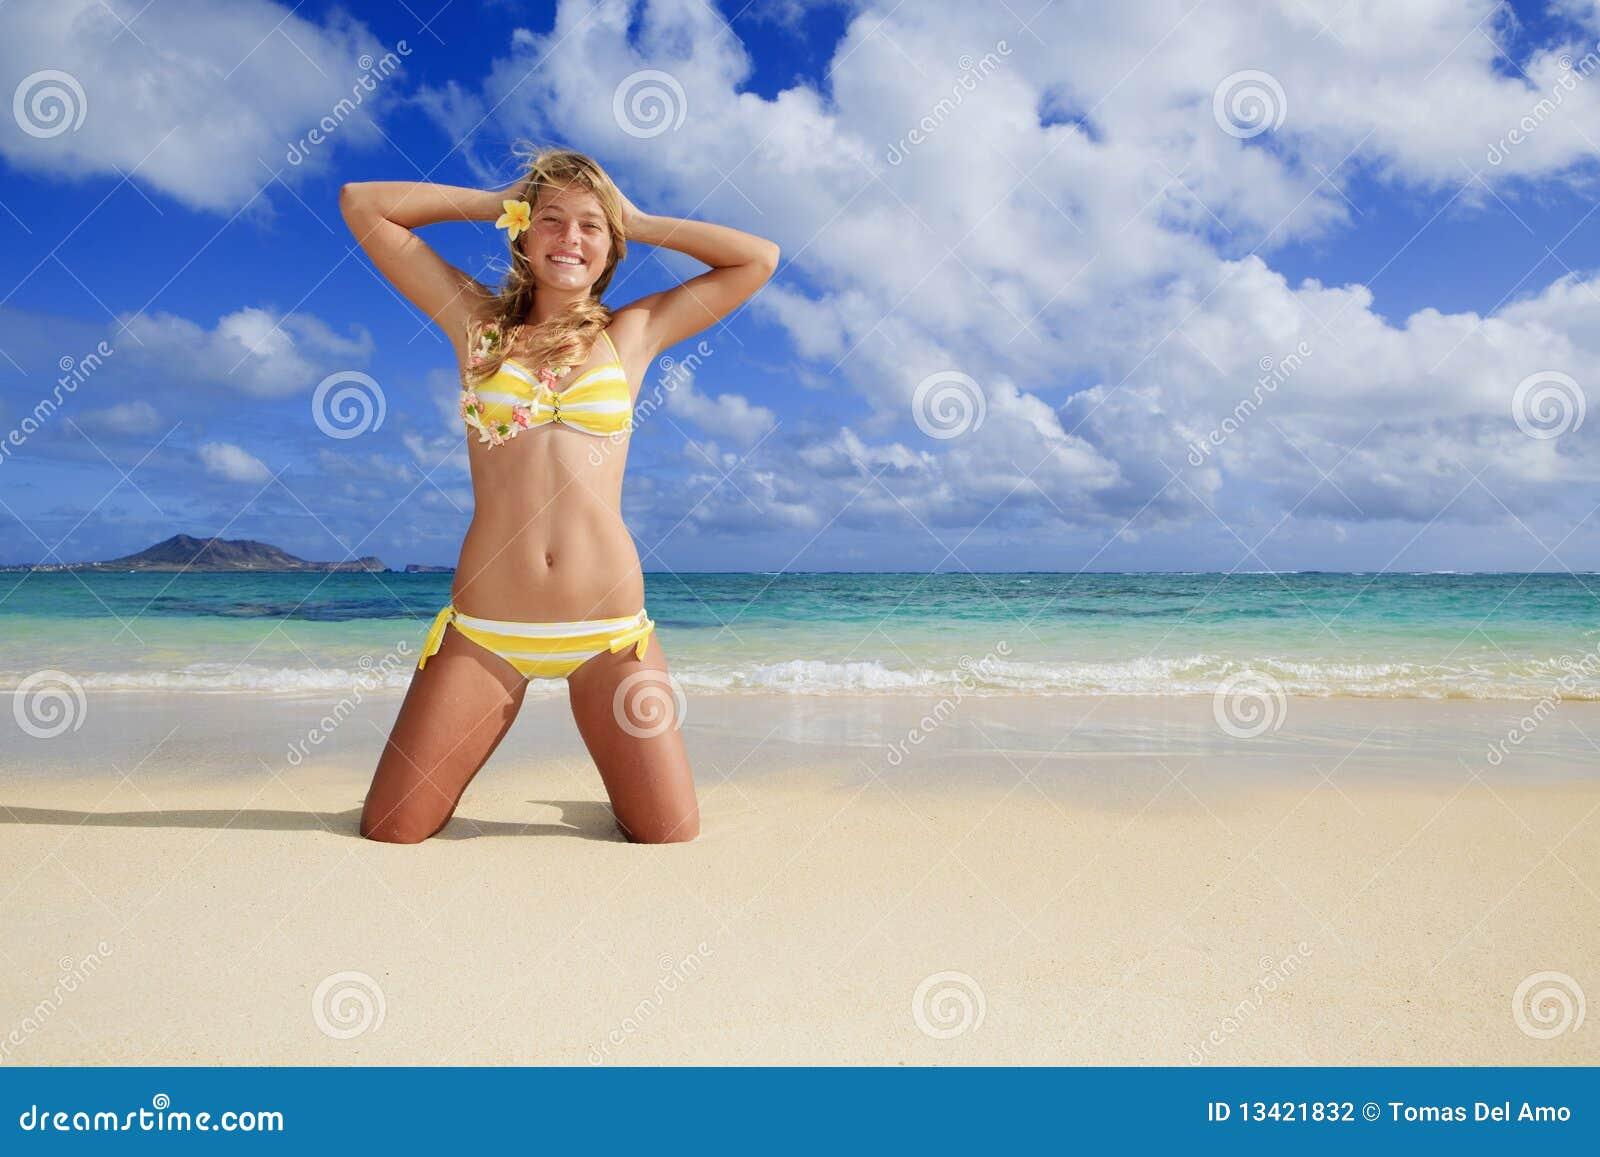 海滩比基尼泳装女孩夏威夷